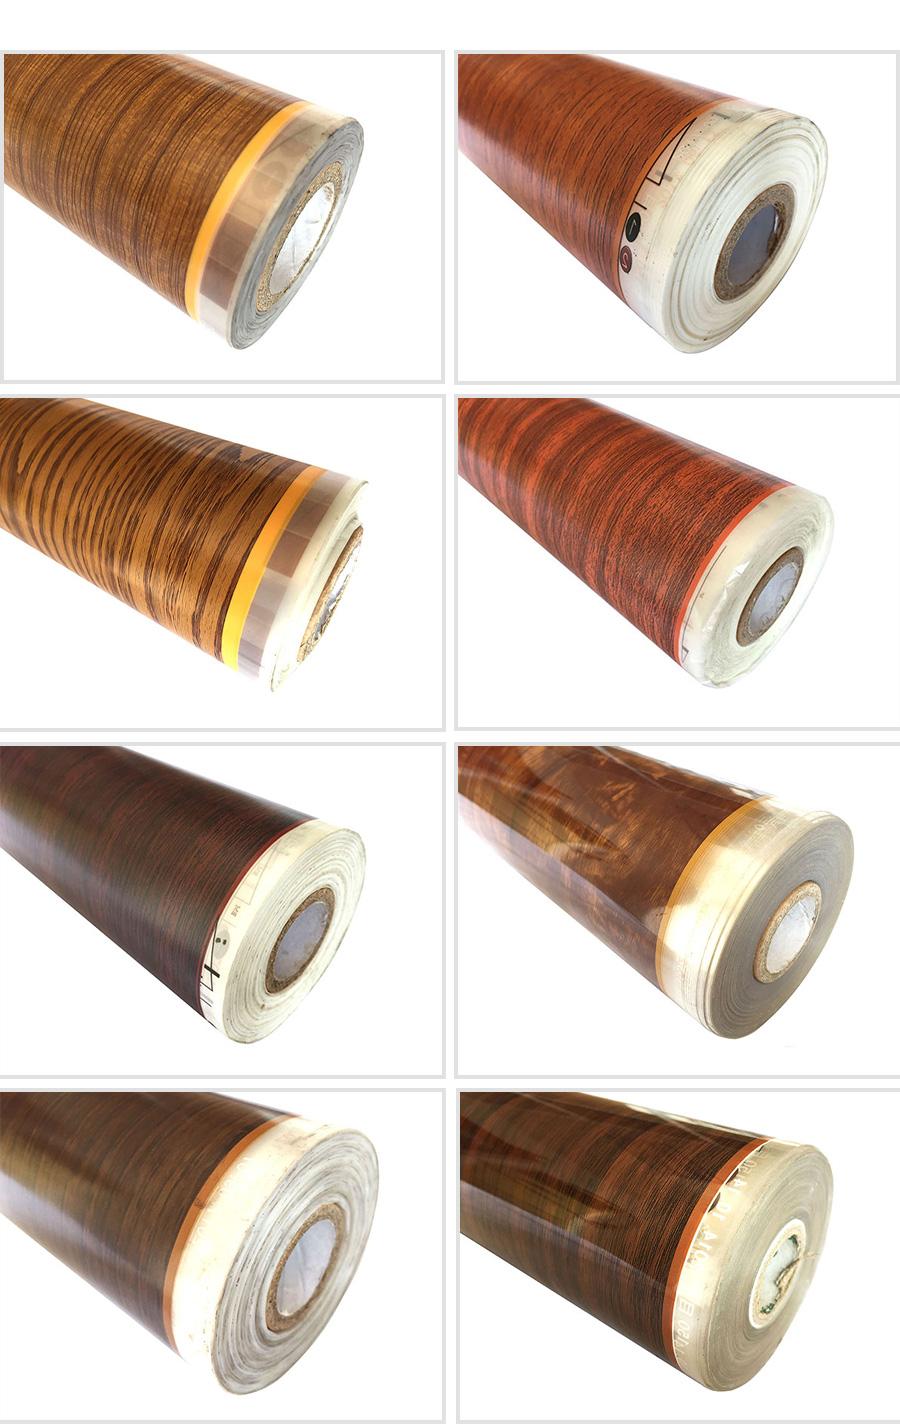 木紋類昆明天博app的圖片